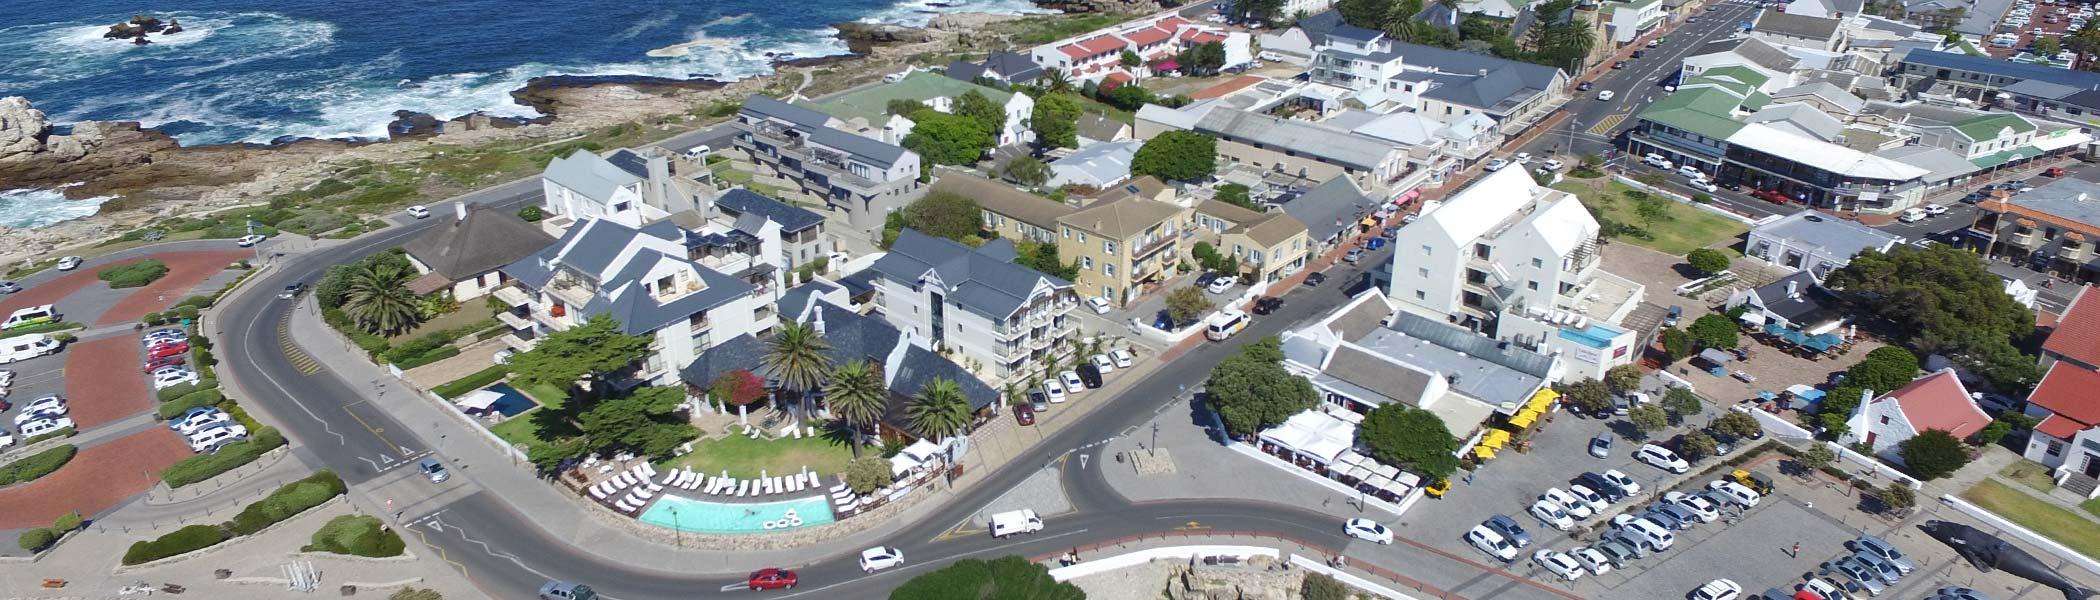 Pet Places - Harbour House Hotel